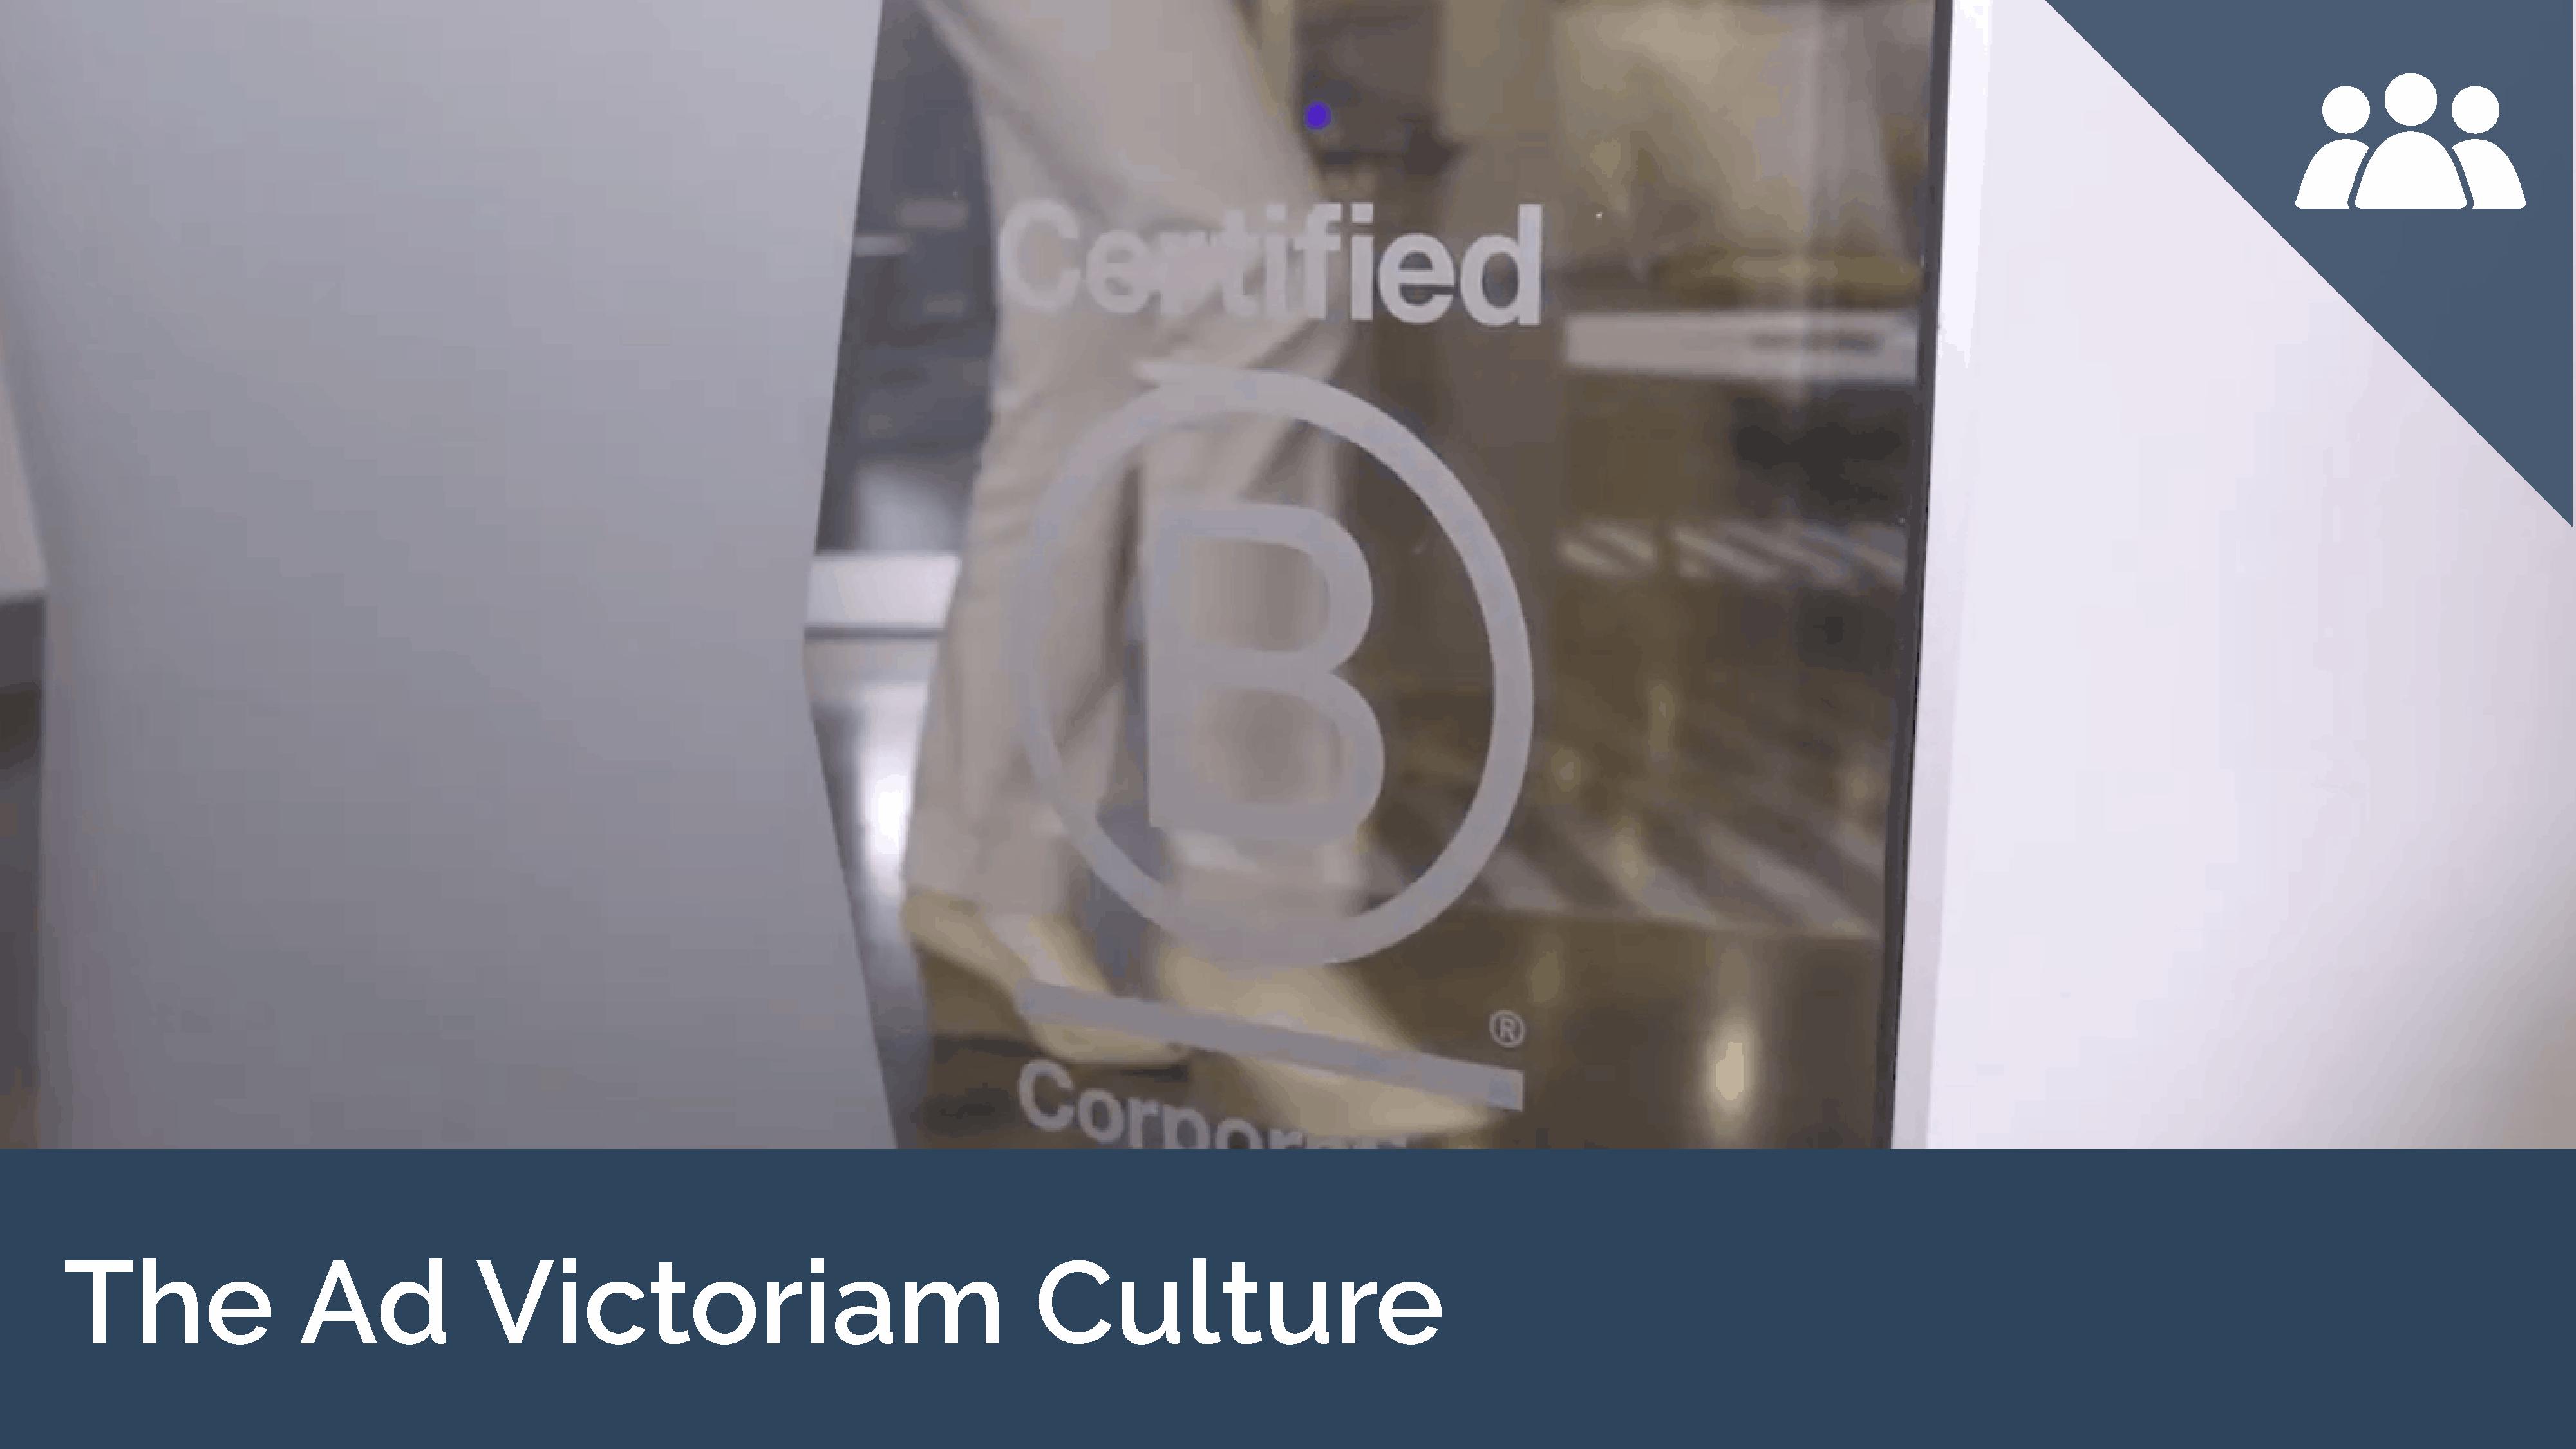 The Ad Victoriam Culture